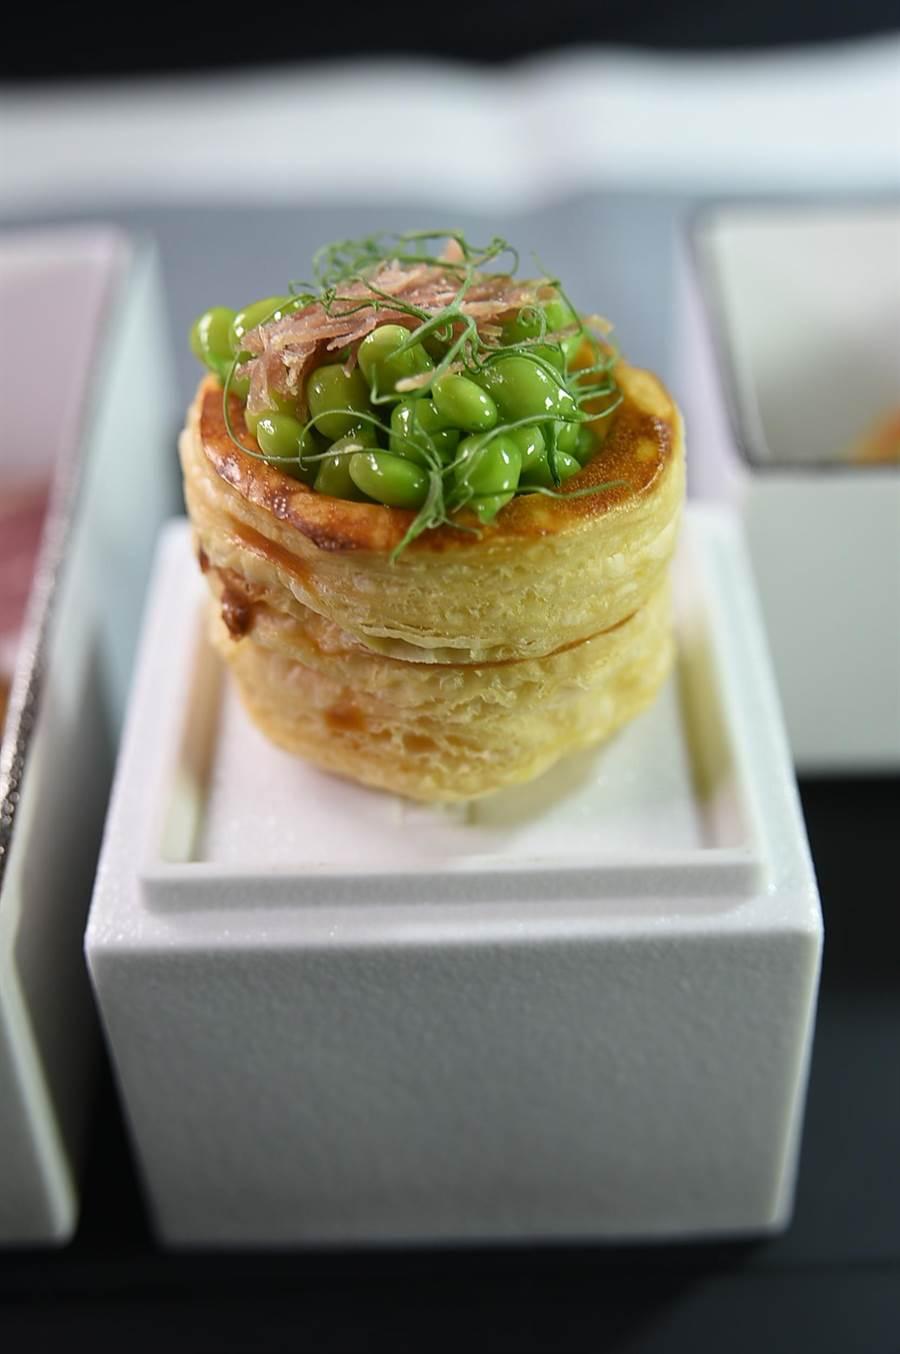 用法國料理的酥盒與中菜甜豌豆和火腿絲搭配,〈天香樓〉全新的開胃小菜好吃好看。(圖/姚舜)